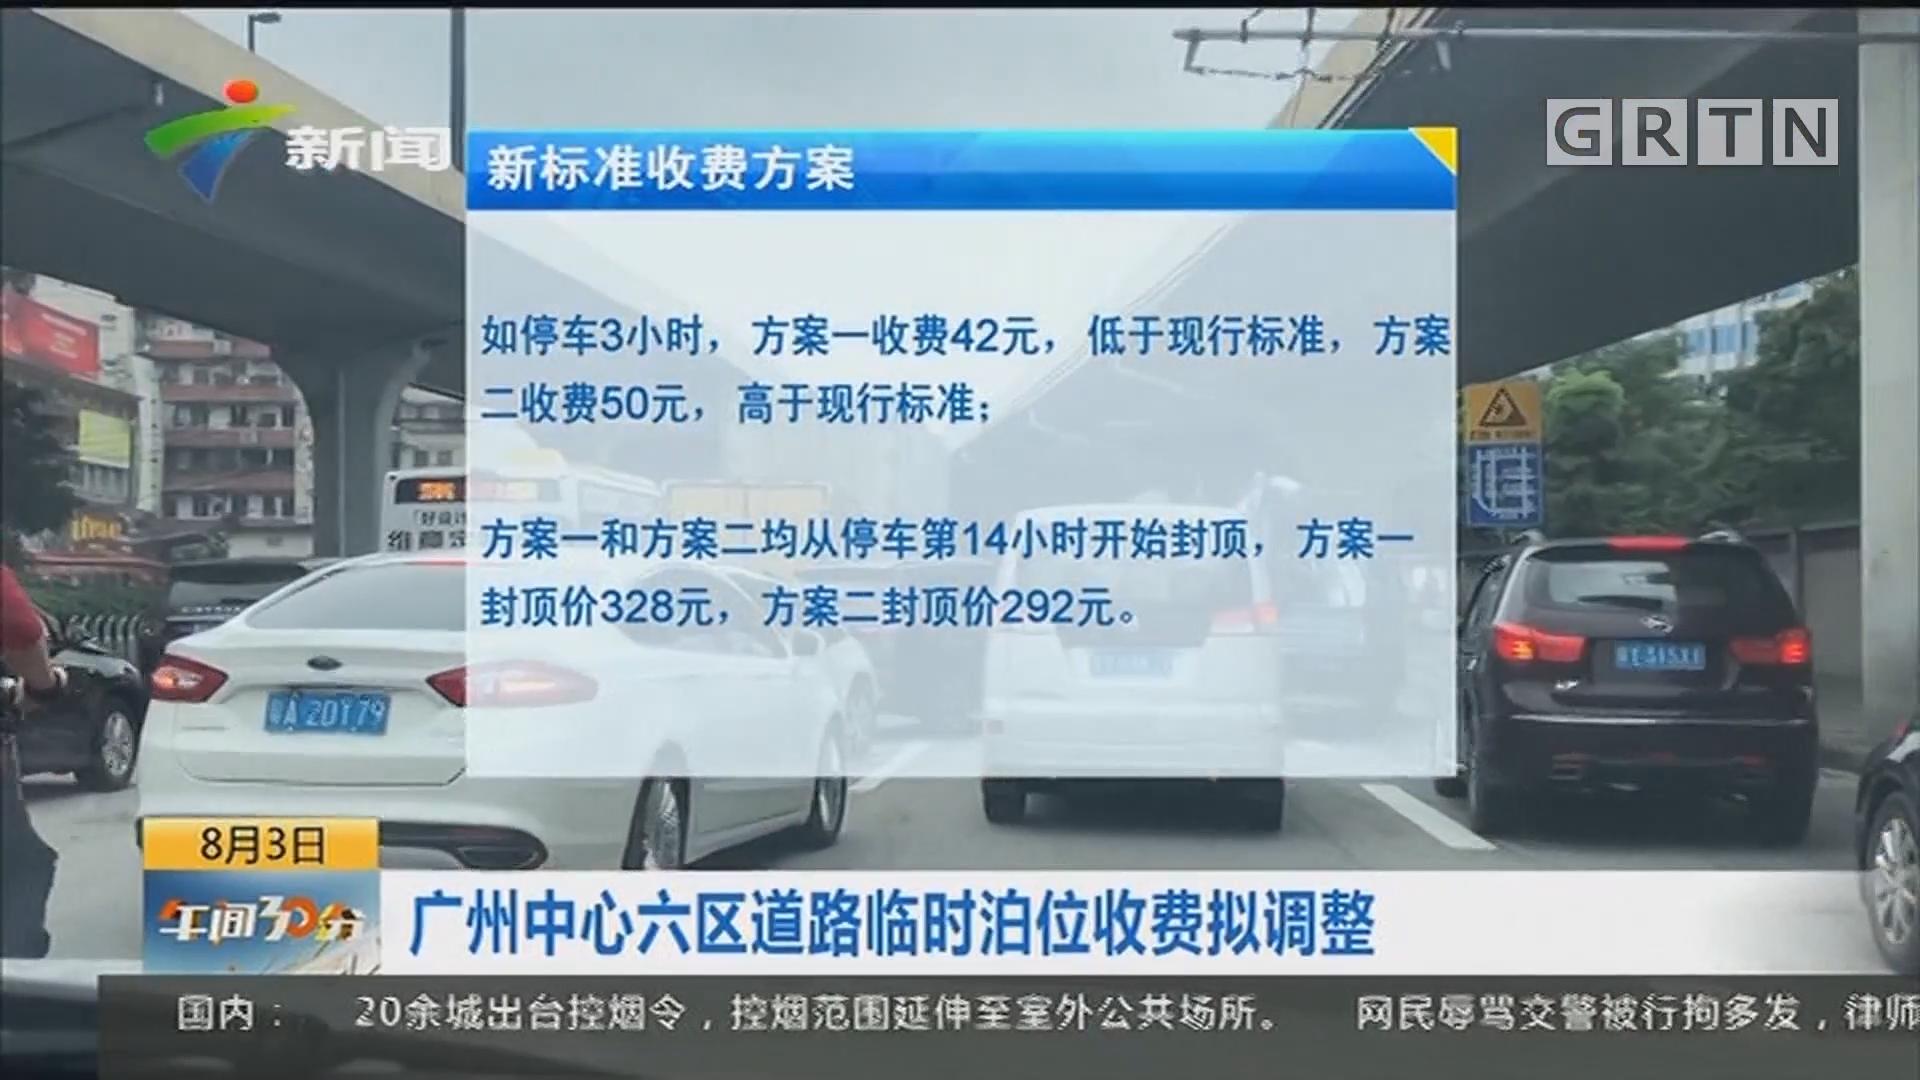 广州中心六区道路临时泊位收费拟调整